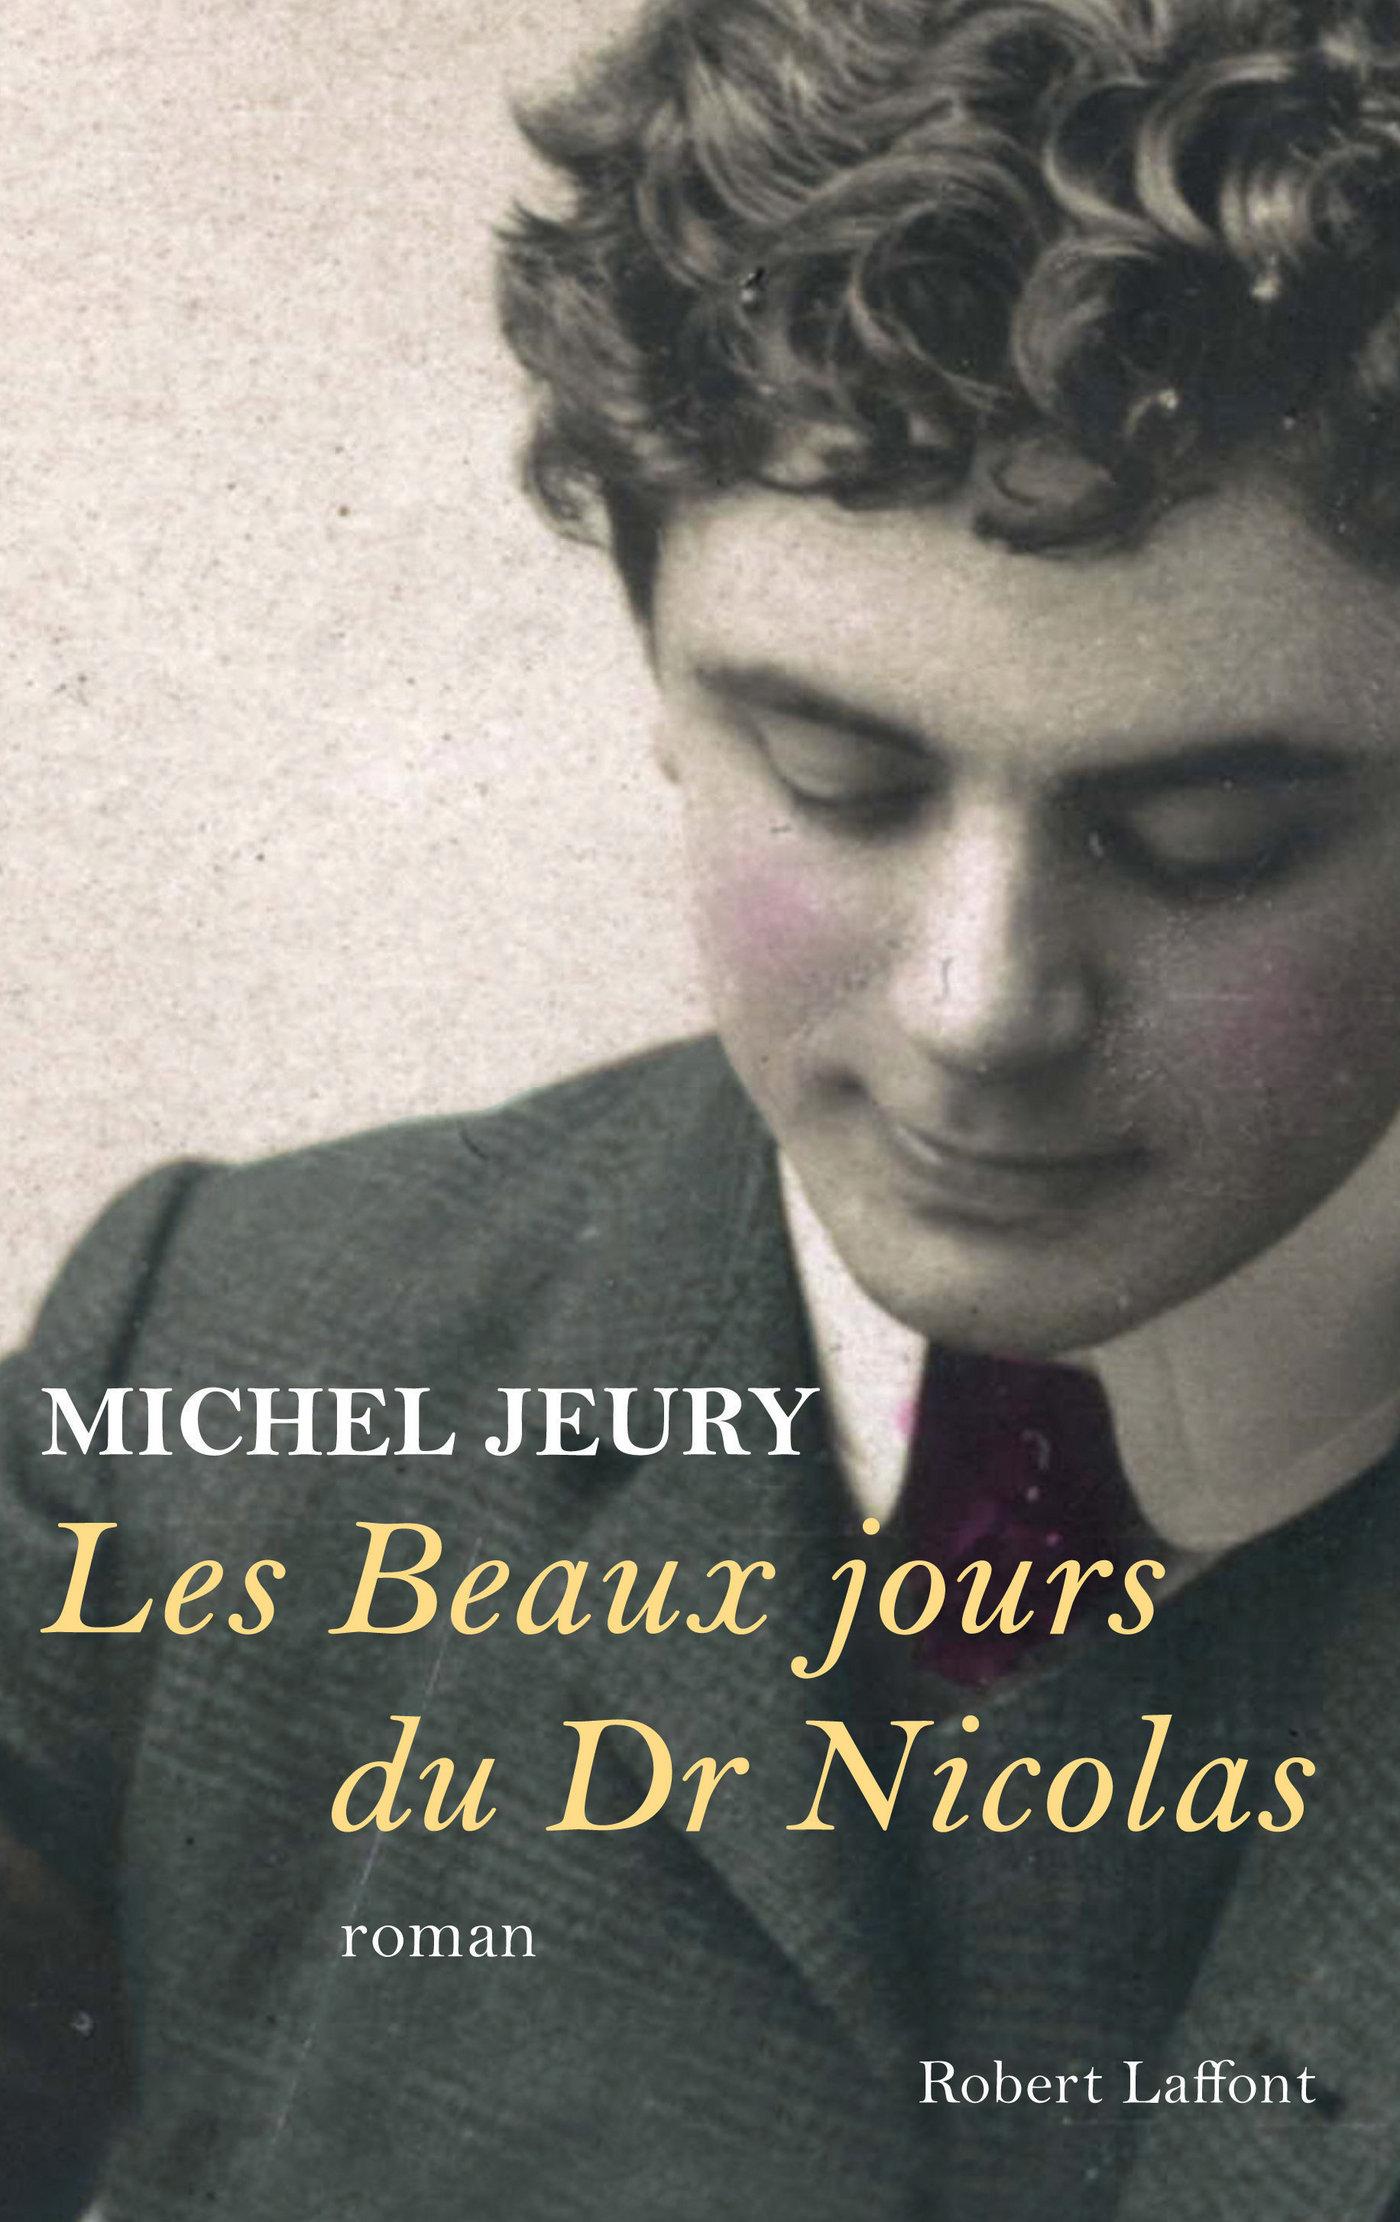 Les beaux jours du Dr Nicolas